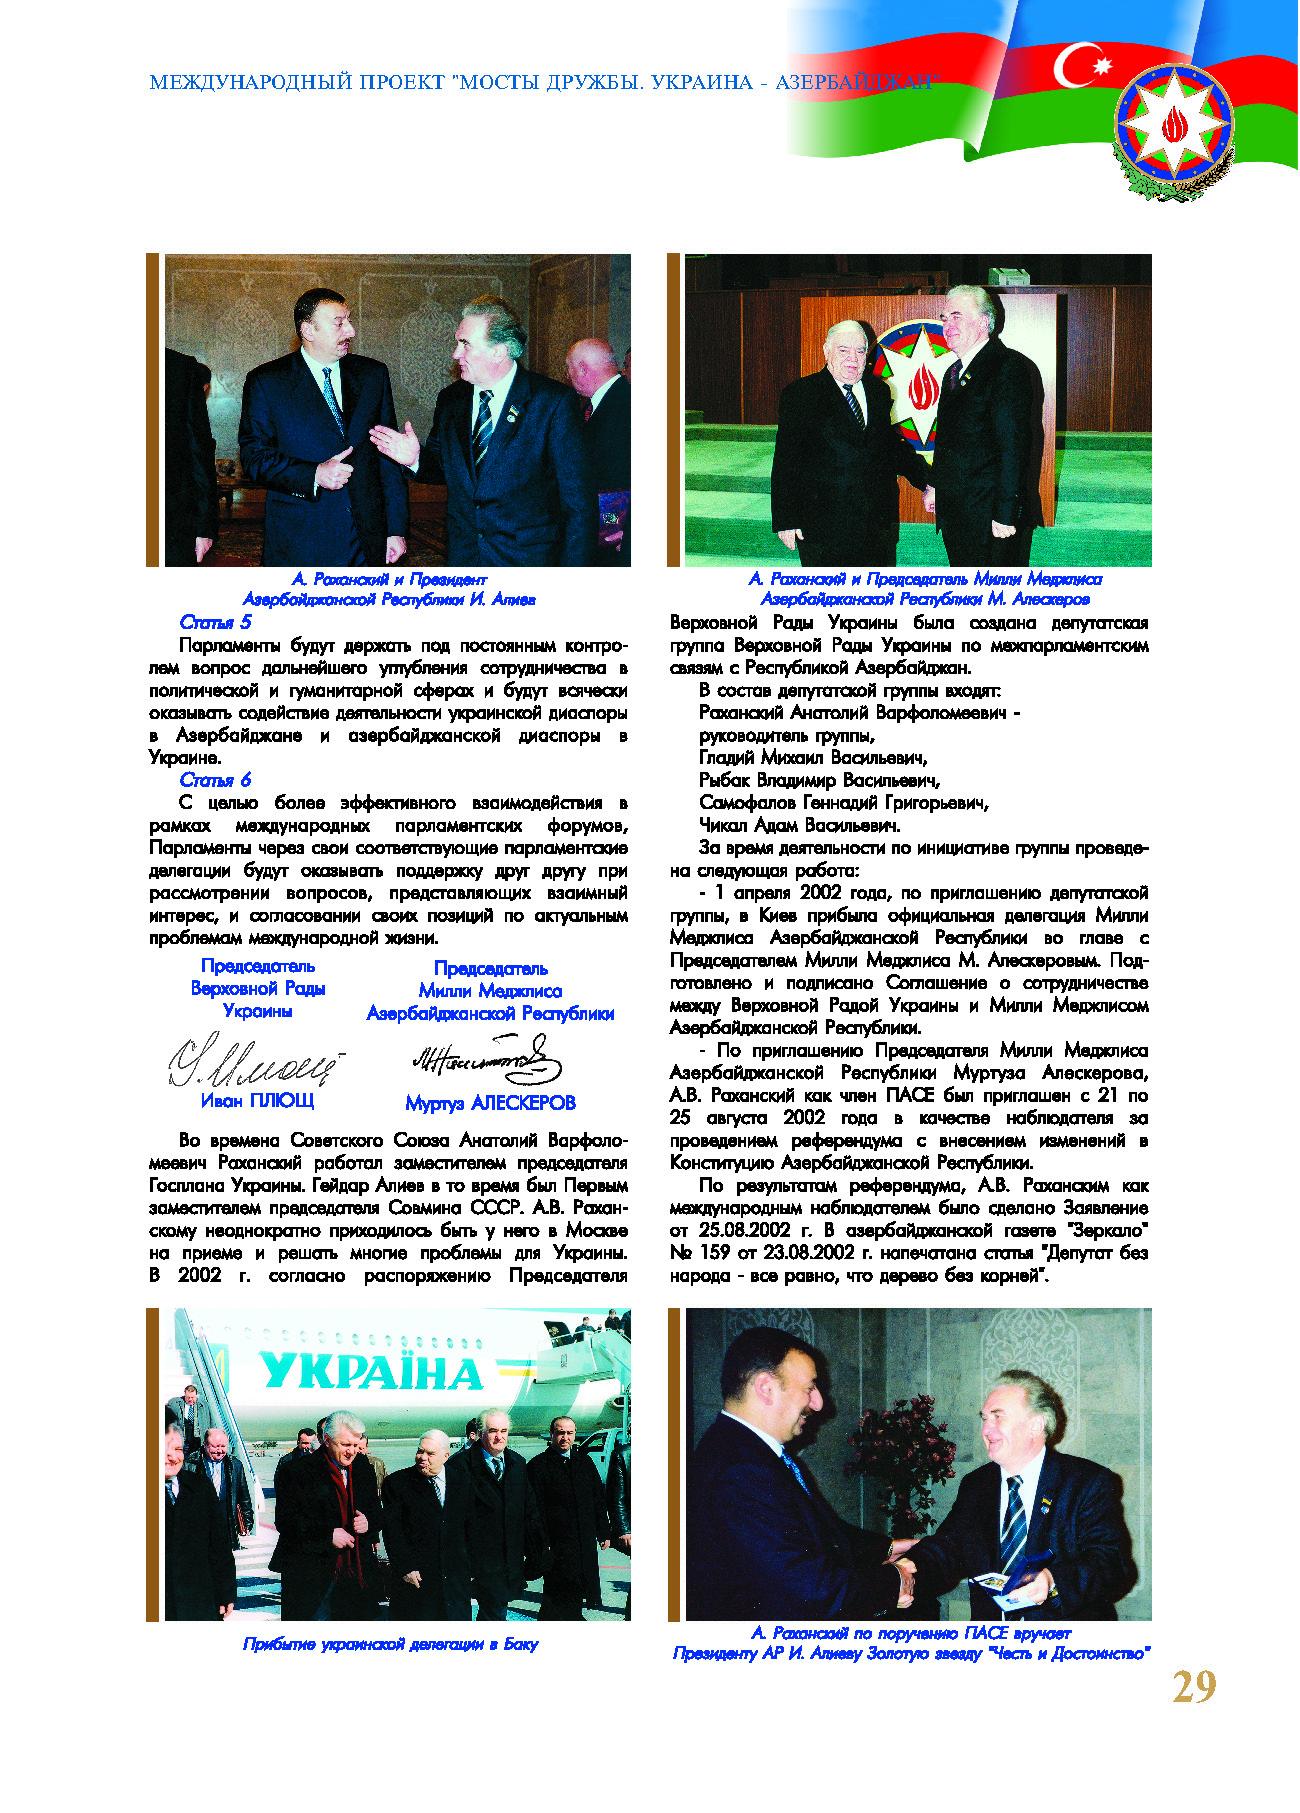 Депутатская группа Верховной Рады Украины по межпарламентским связям с Азербайджанской Республикой